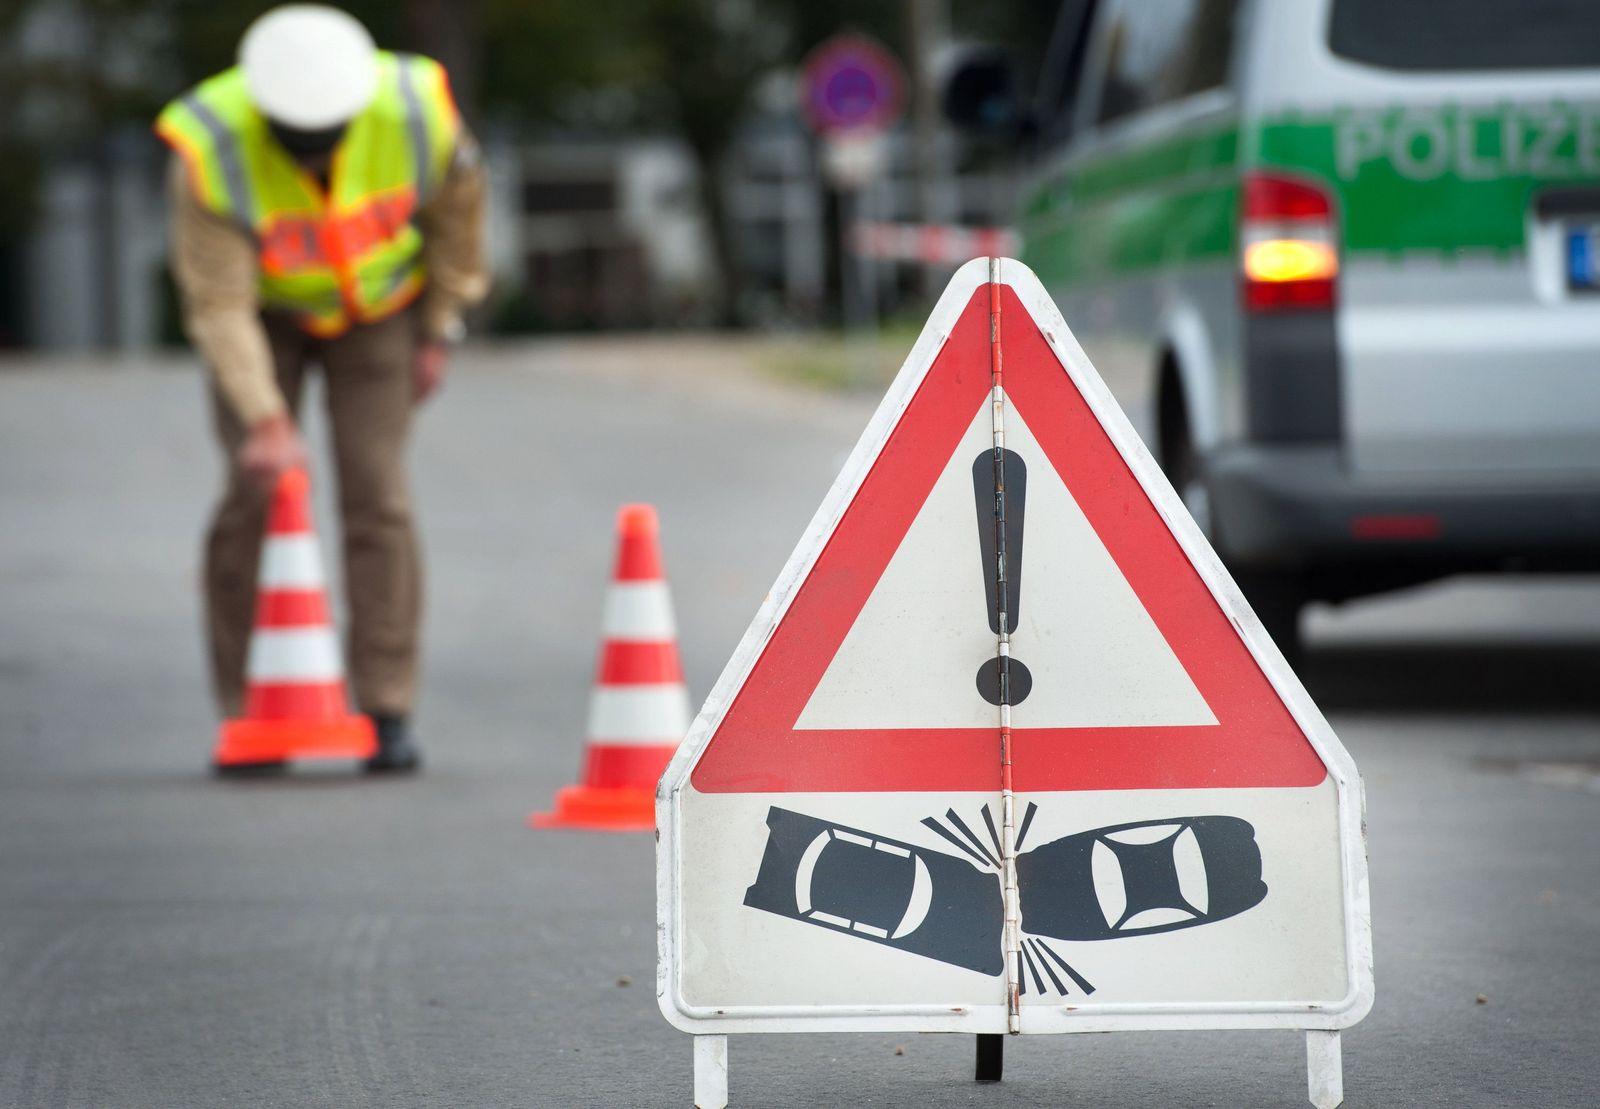 SYMBOLBILD Verkehrsunfall/ Warnschild